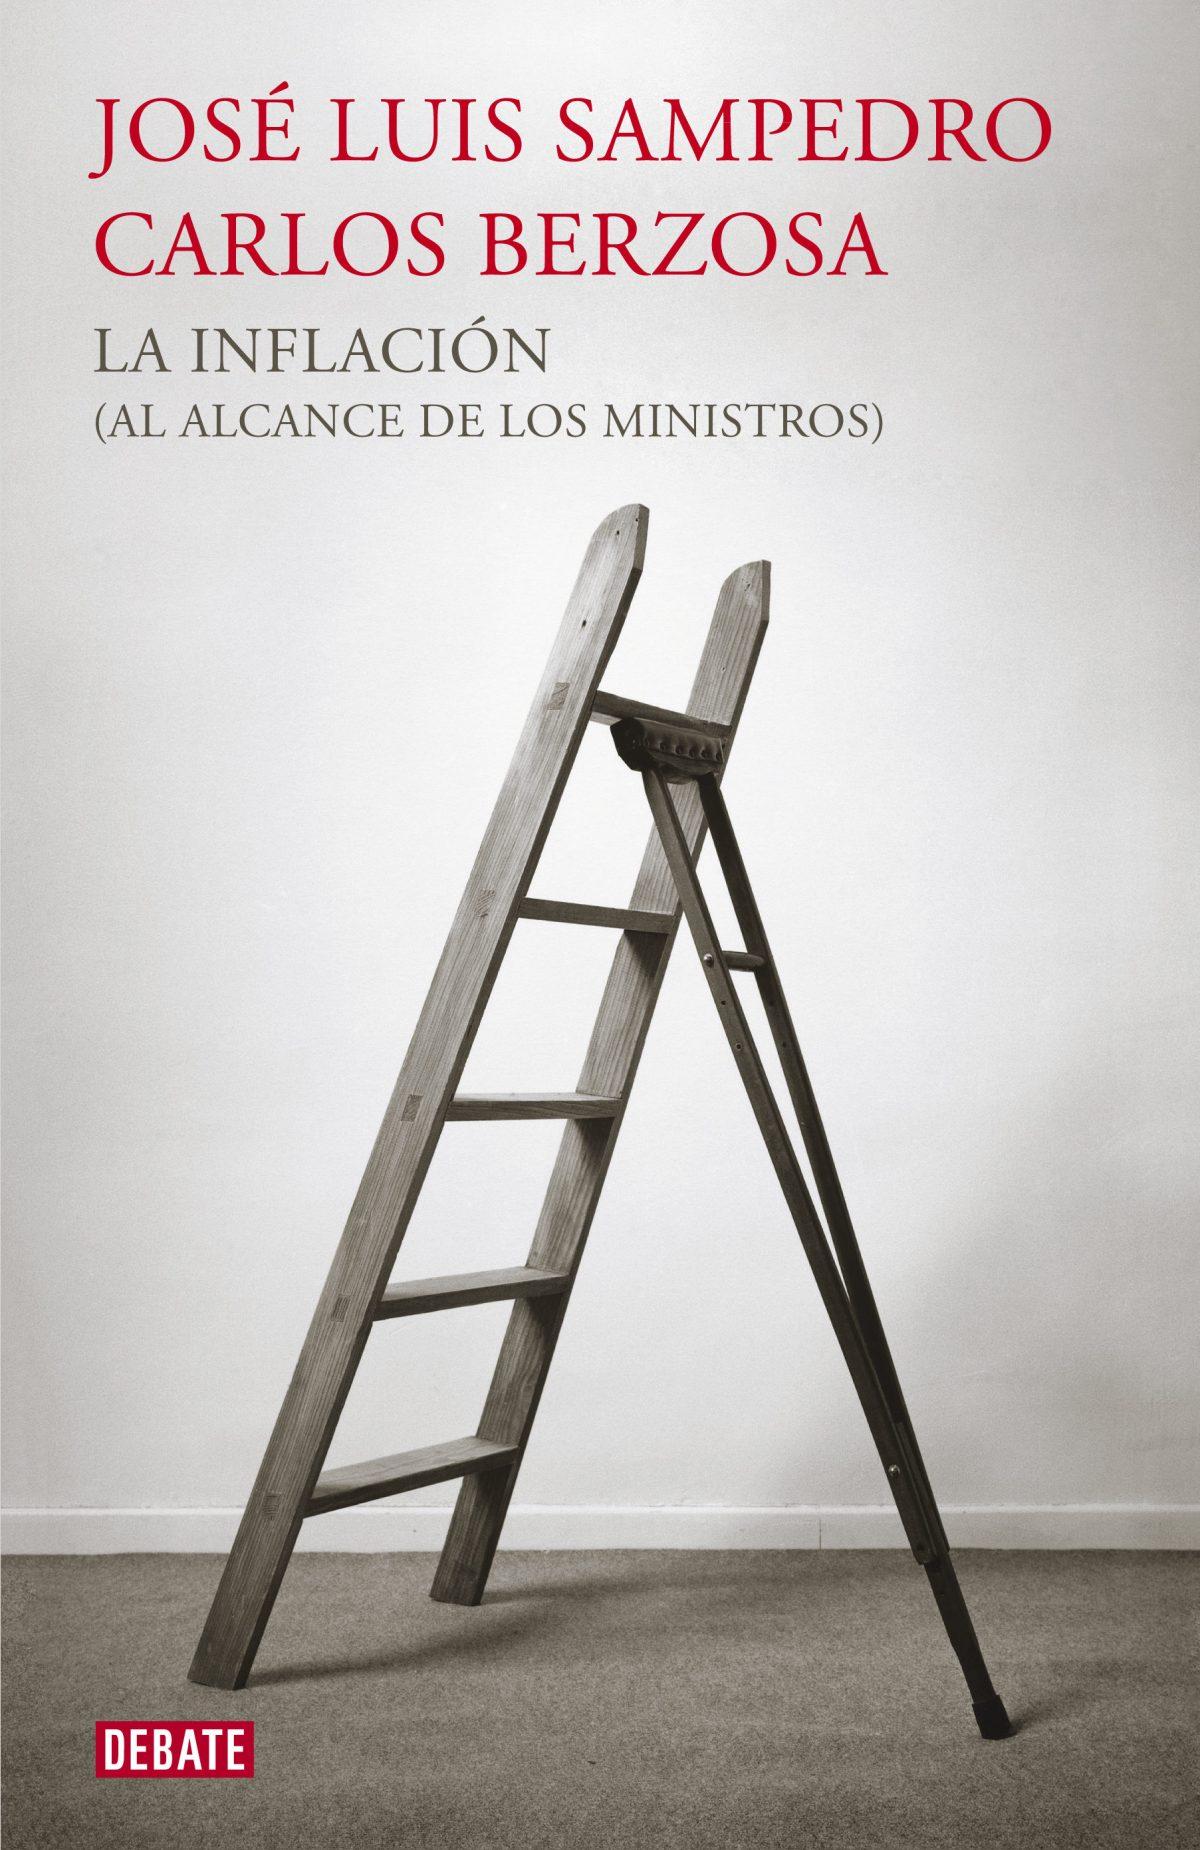 La inflación (al alcance de los ministros)